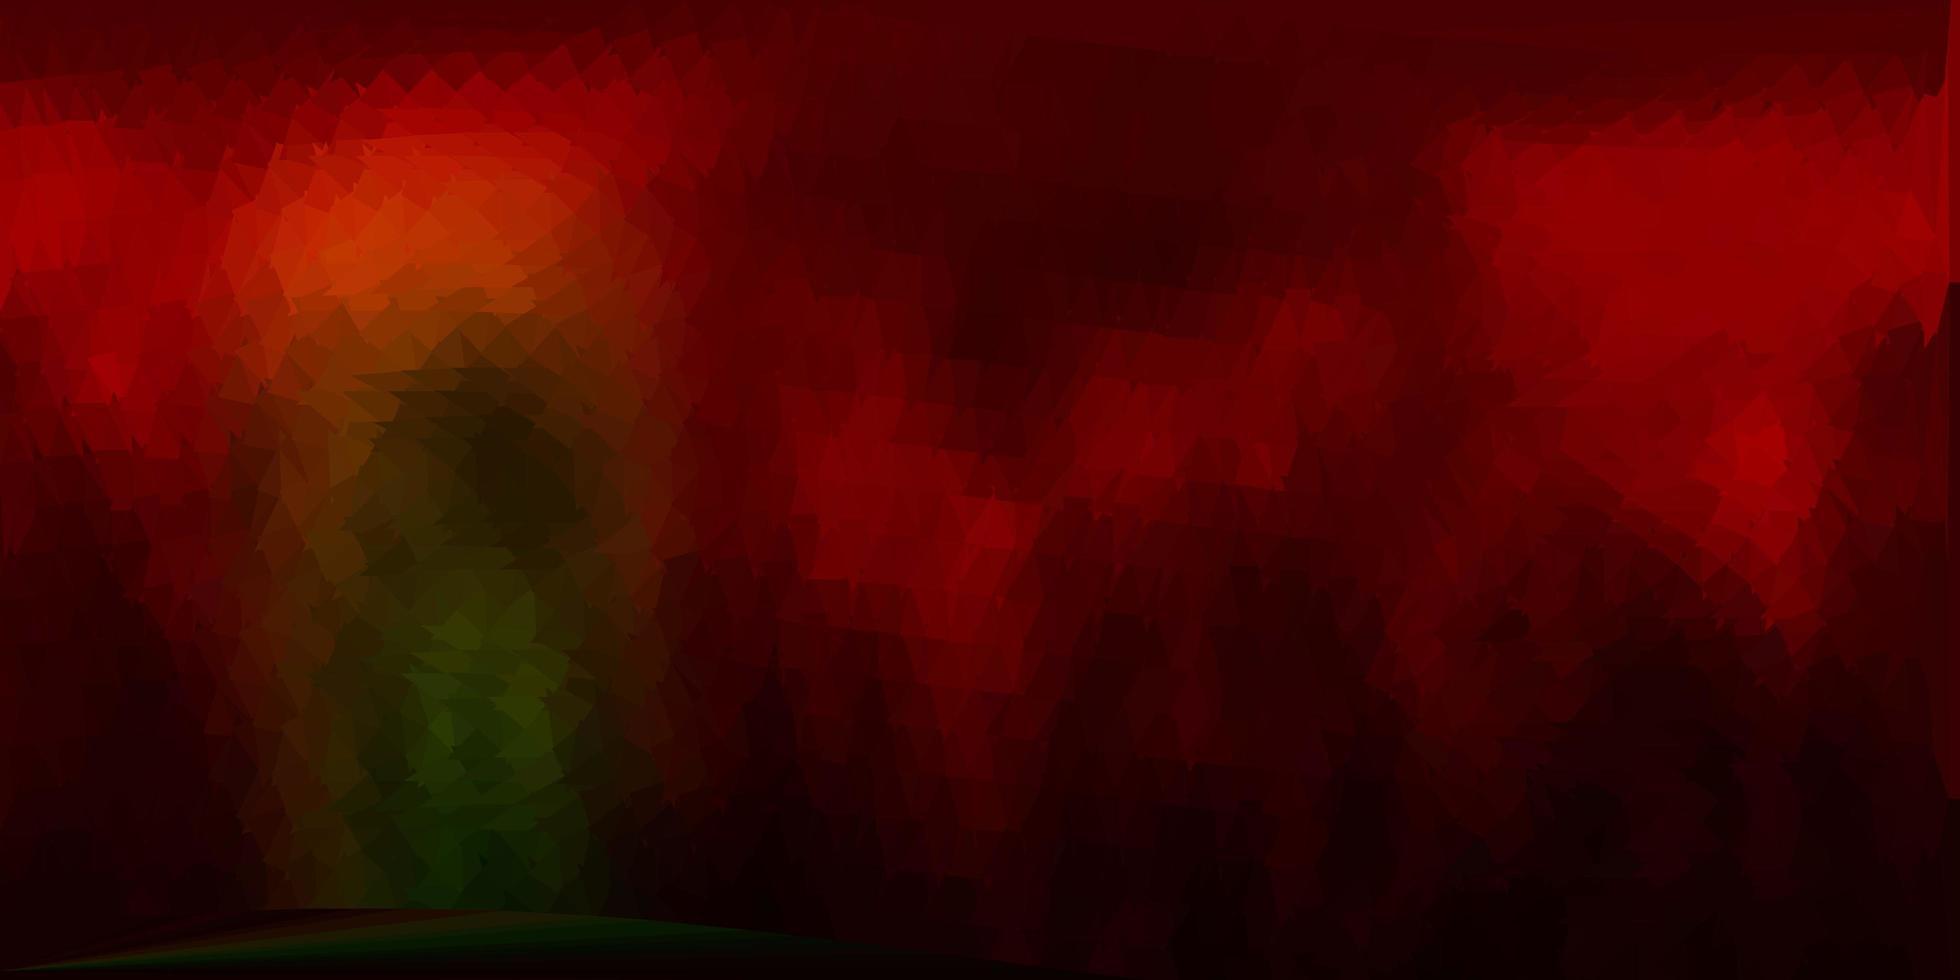 fond de triangle abstrait vecteur vert foncé, rouge.